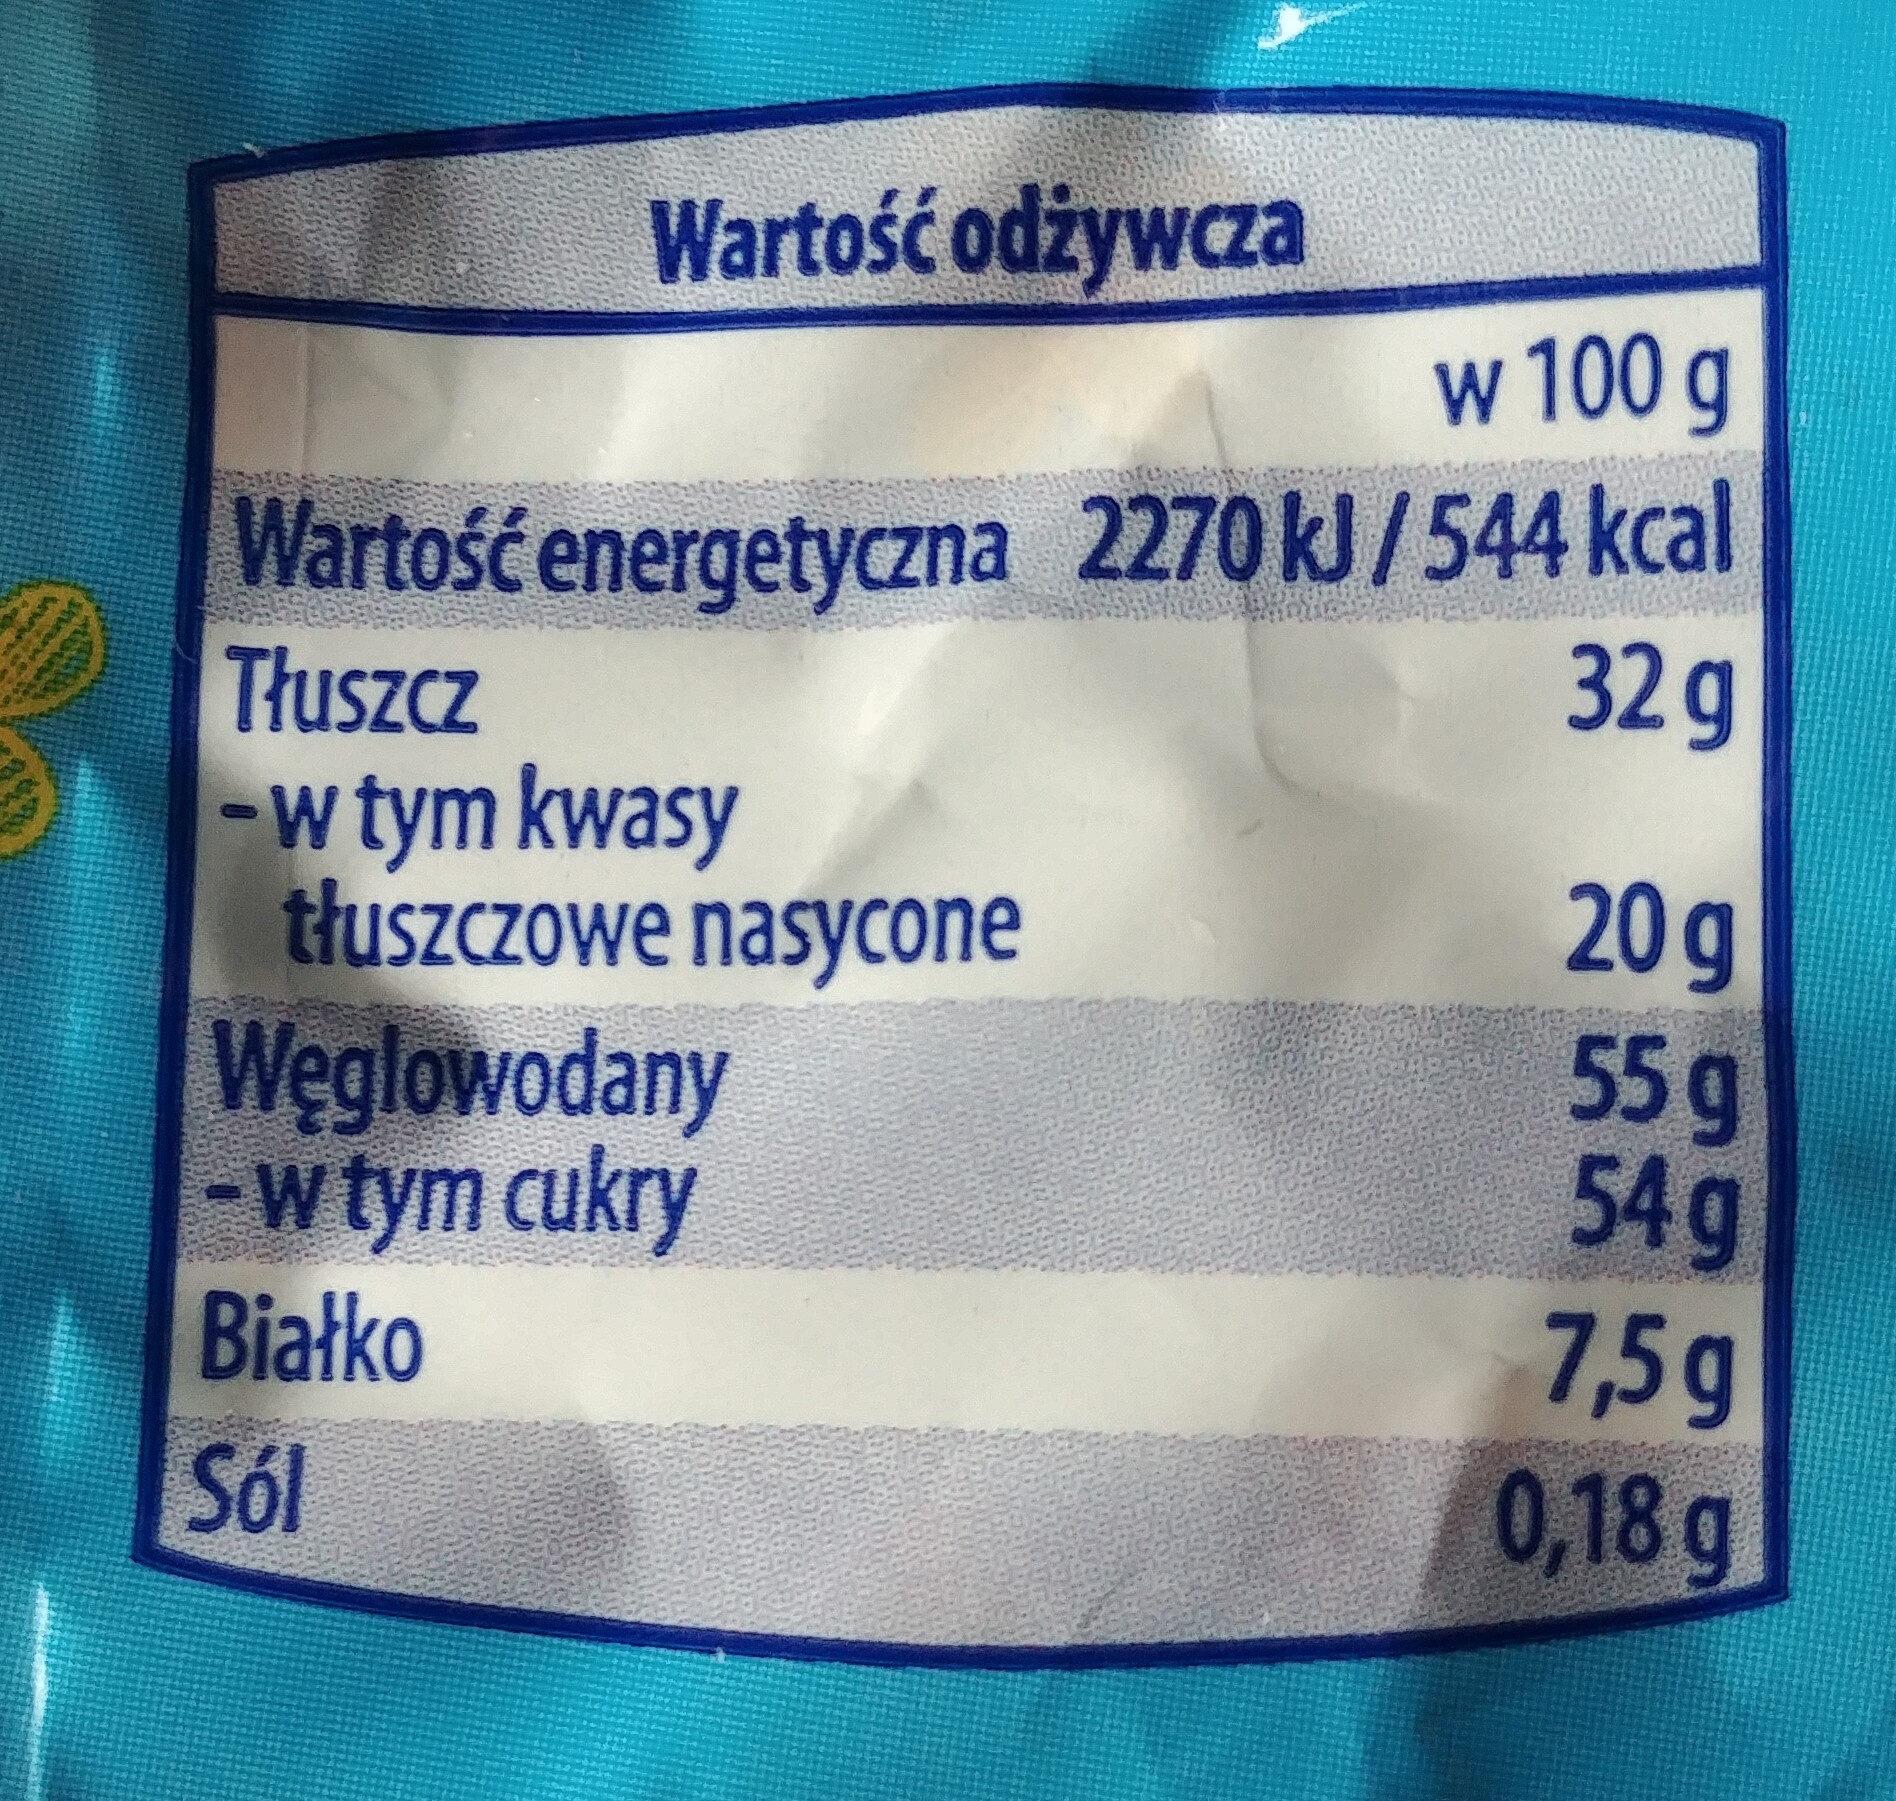 Jajeczka z czekolady mlecznej - Nutrition facts